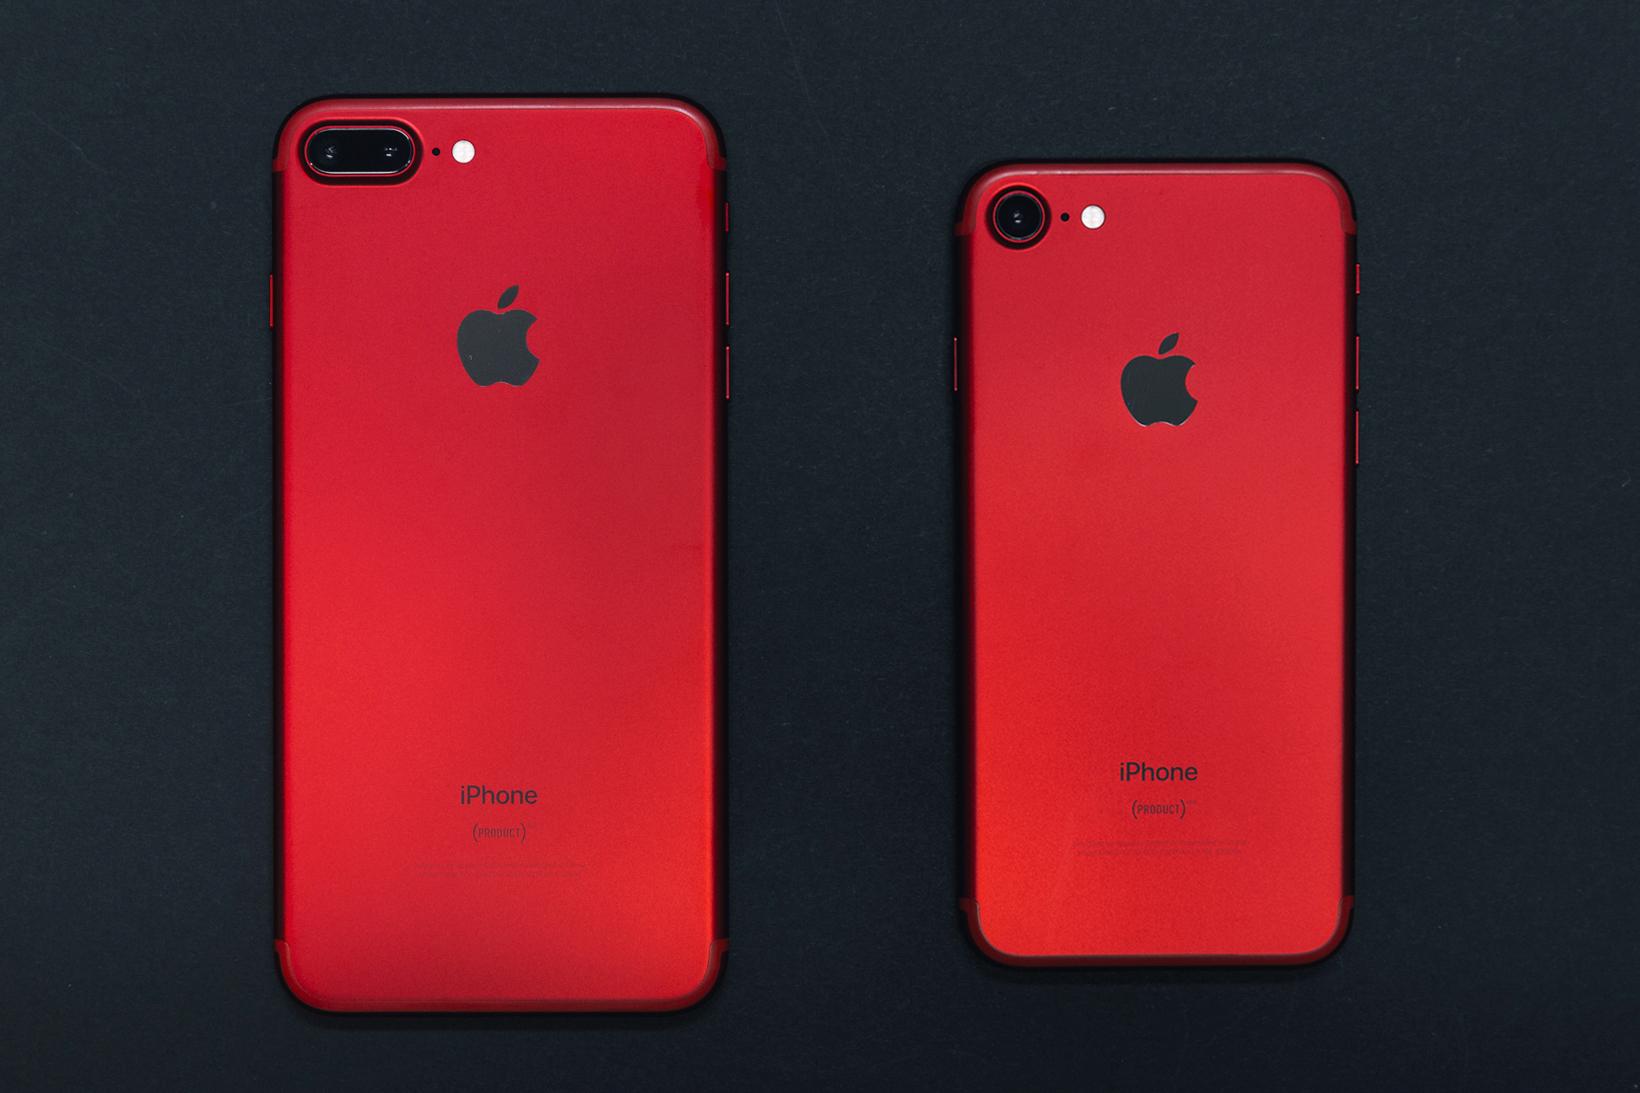 apple 7 plus 128gb. apple iphone 7 plus 128gb 128gb